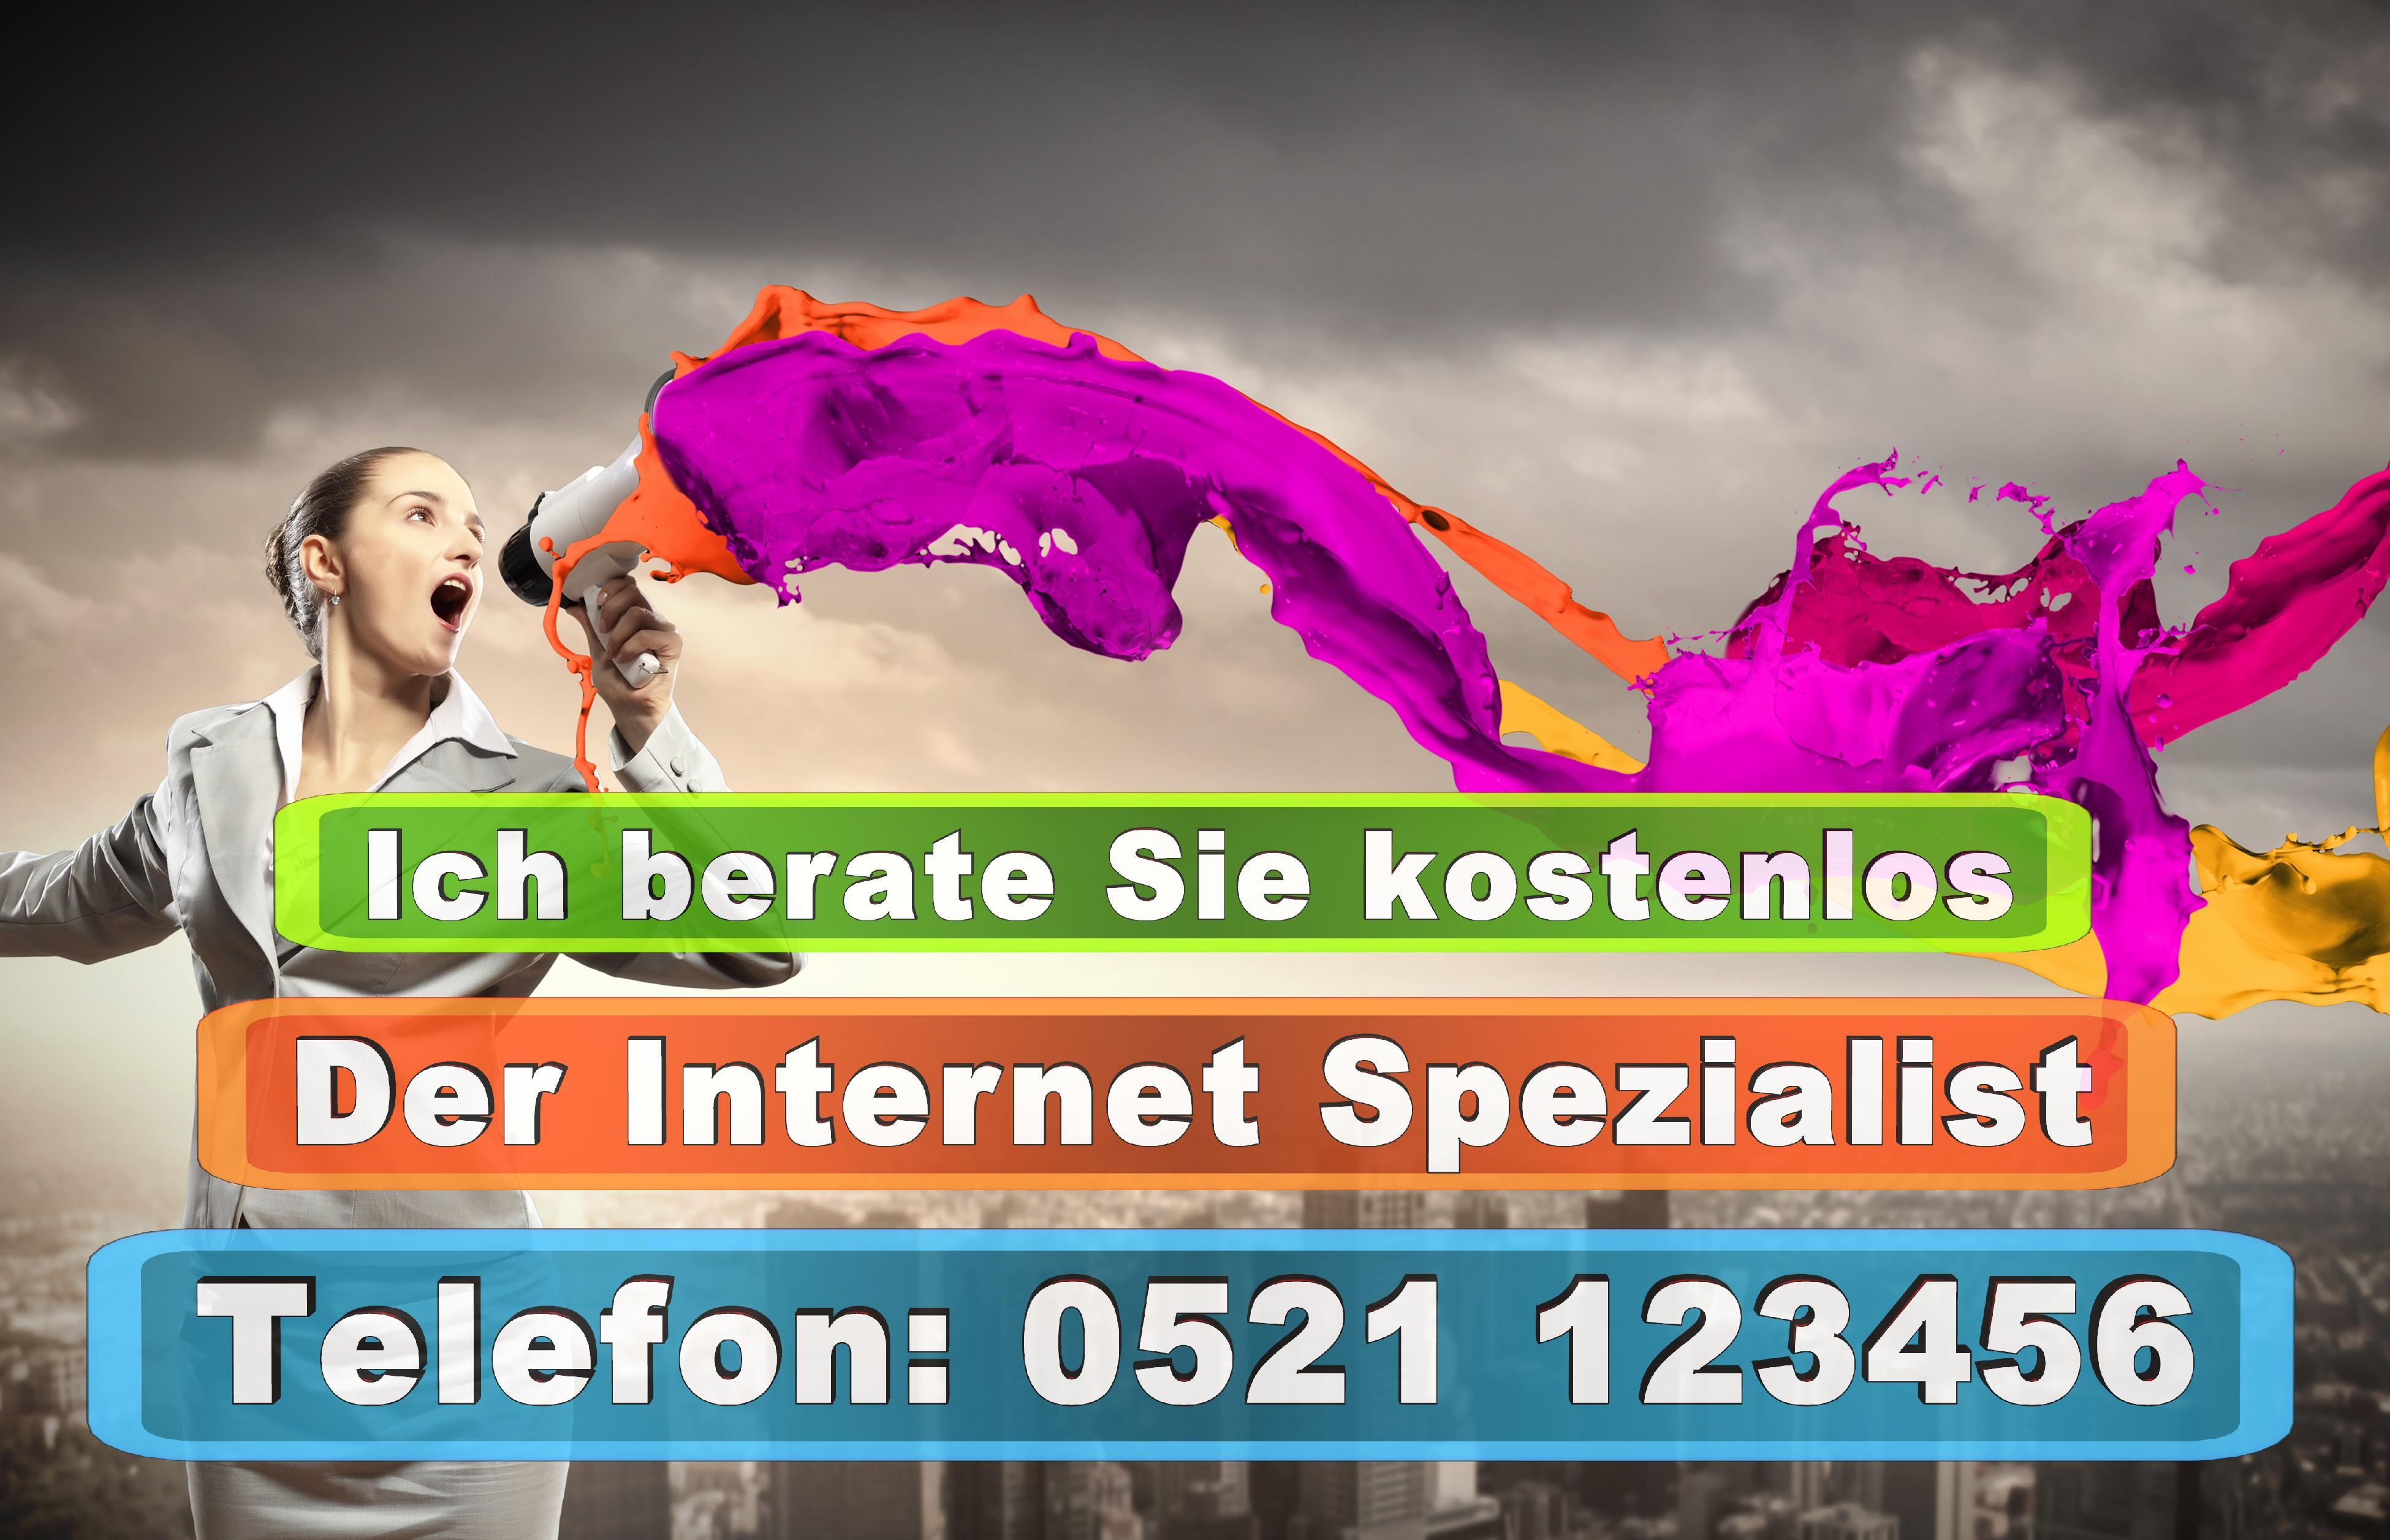 Bielefeld Werbeagenturen Druckereien Werbeplakate Print Druck Internet Computer Grafiker Designer Mode Geschäfte Bekleidung (4)